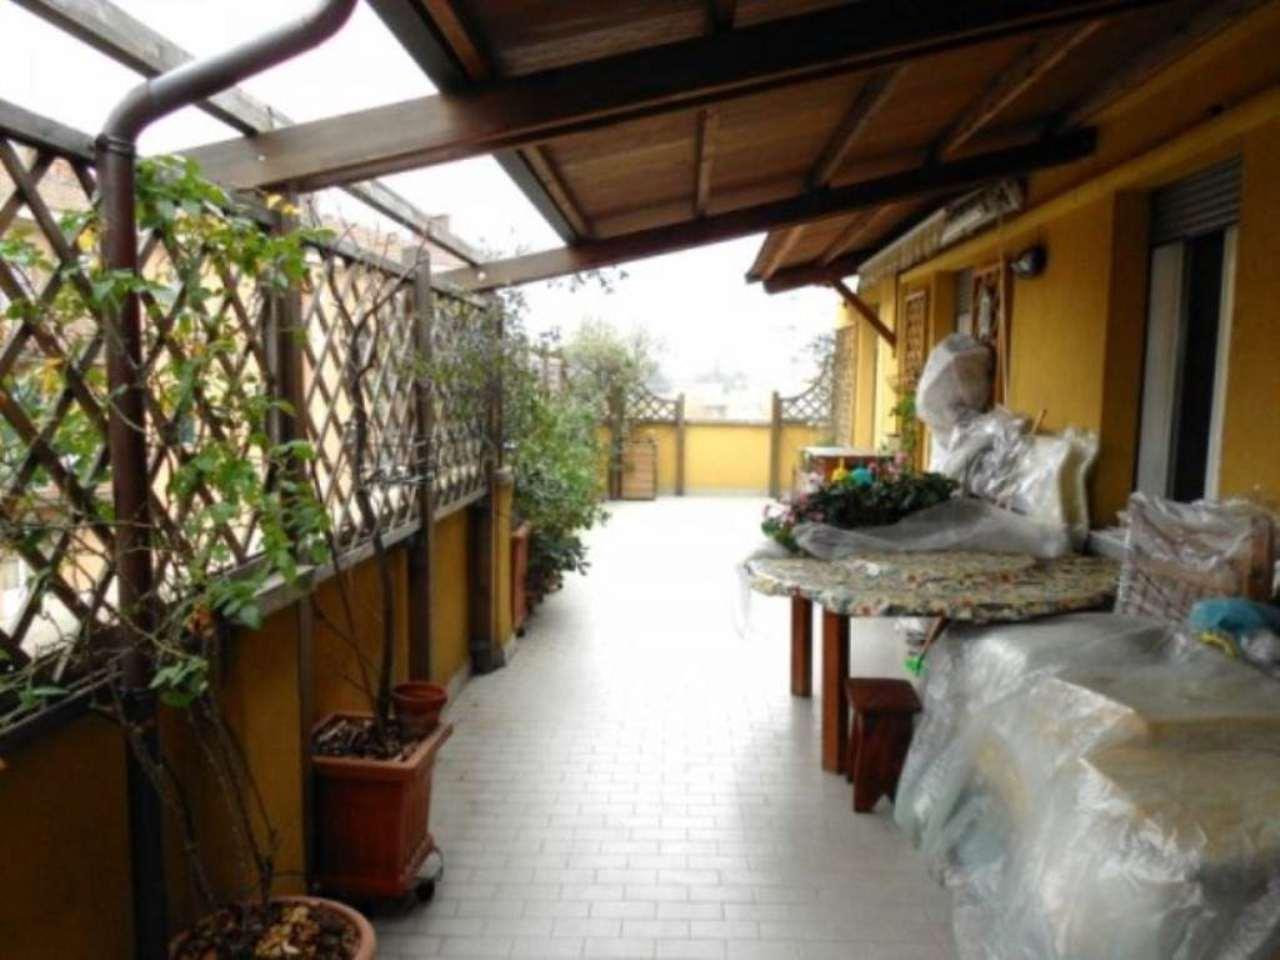 Attico / Mansarda in vendita a Bologna, 4 locali, zona Zona: 12 . Costa Saragozza/Saragozza, prezzo € 435.000 | CambioCasa.it